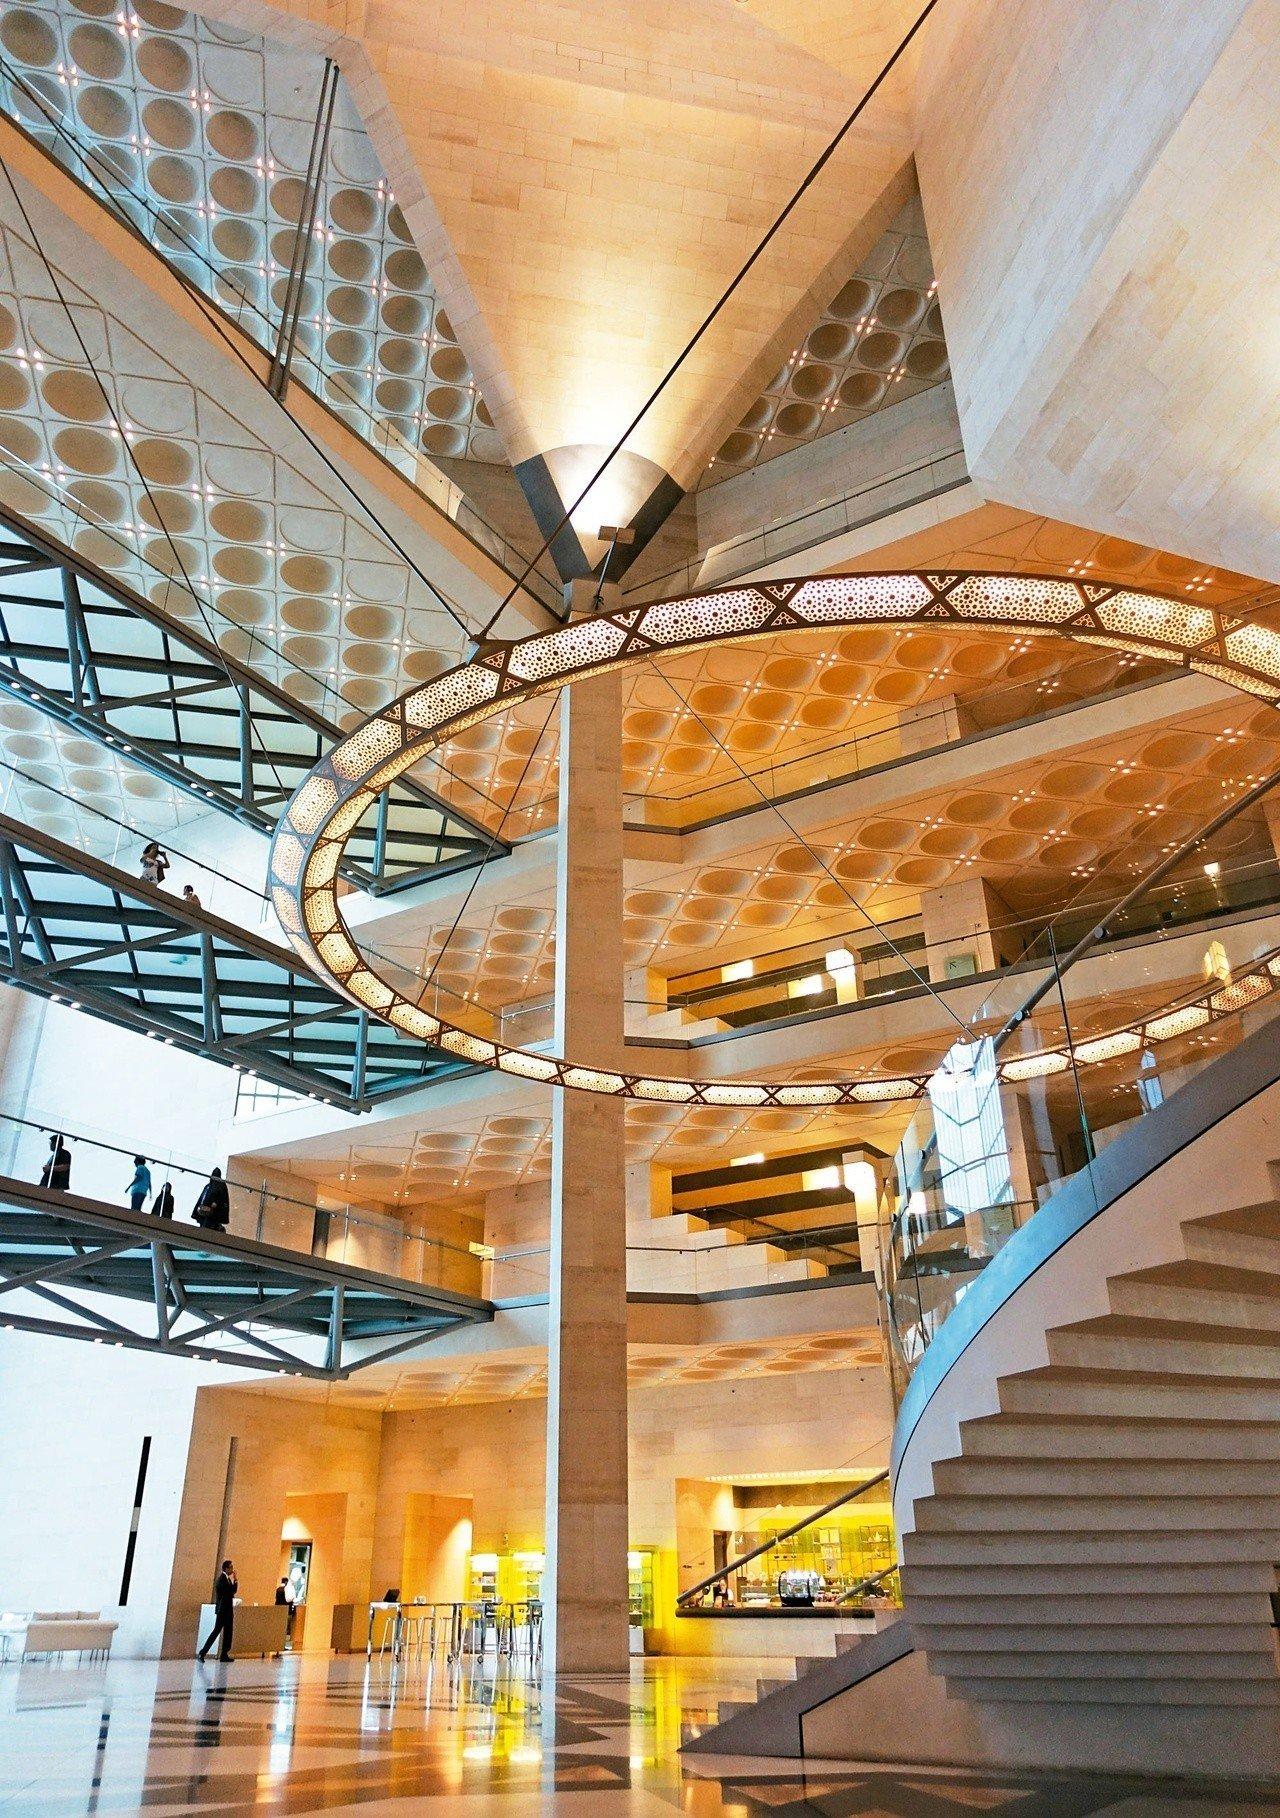 建築大師貝聿銘九十一歲的封刀之作──杜哈伊斯蘭藝術博物館,融合現代主義和伊斯蘭文化的建築。